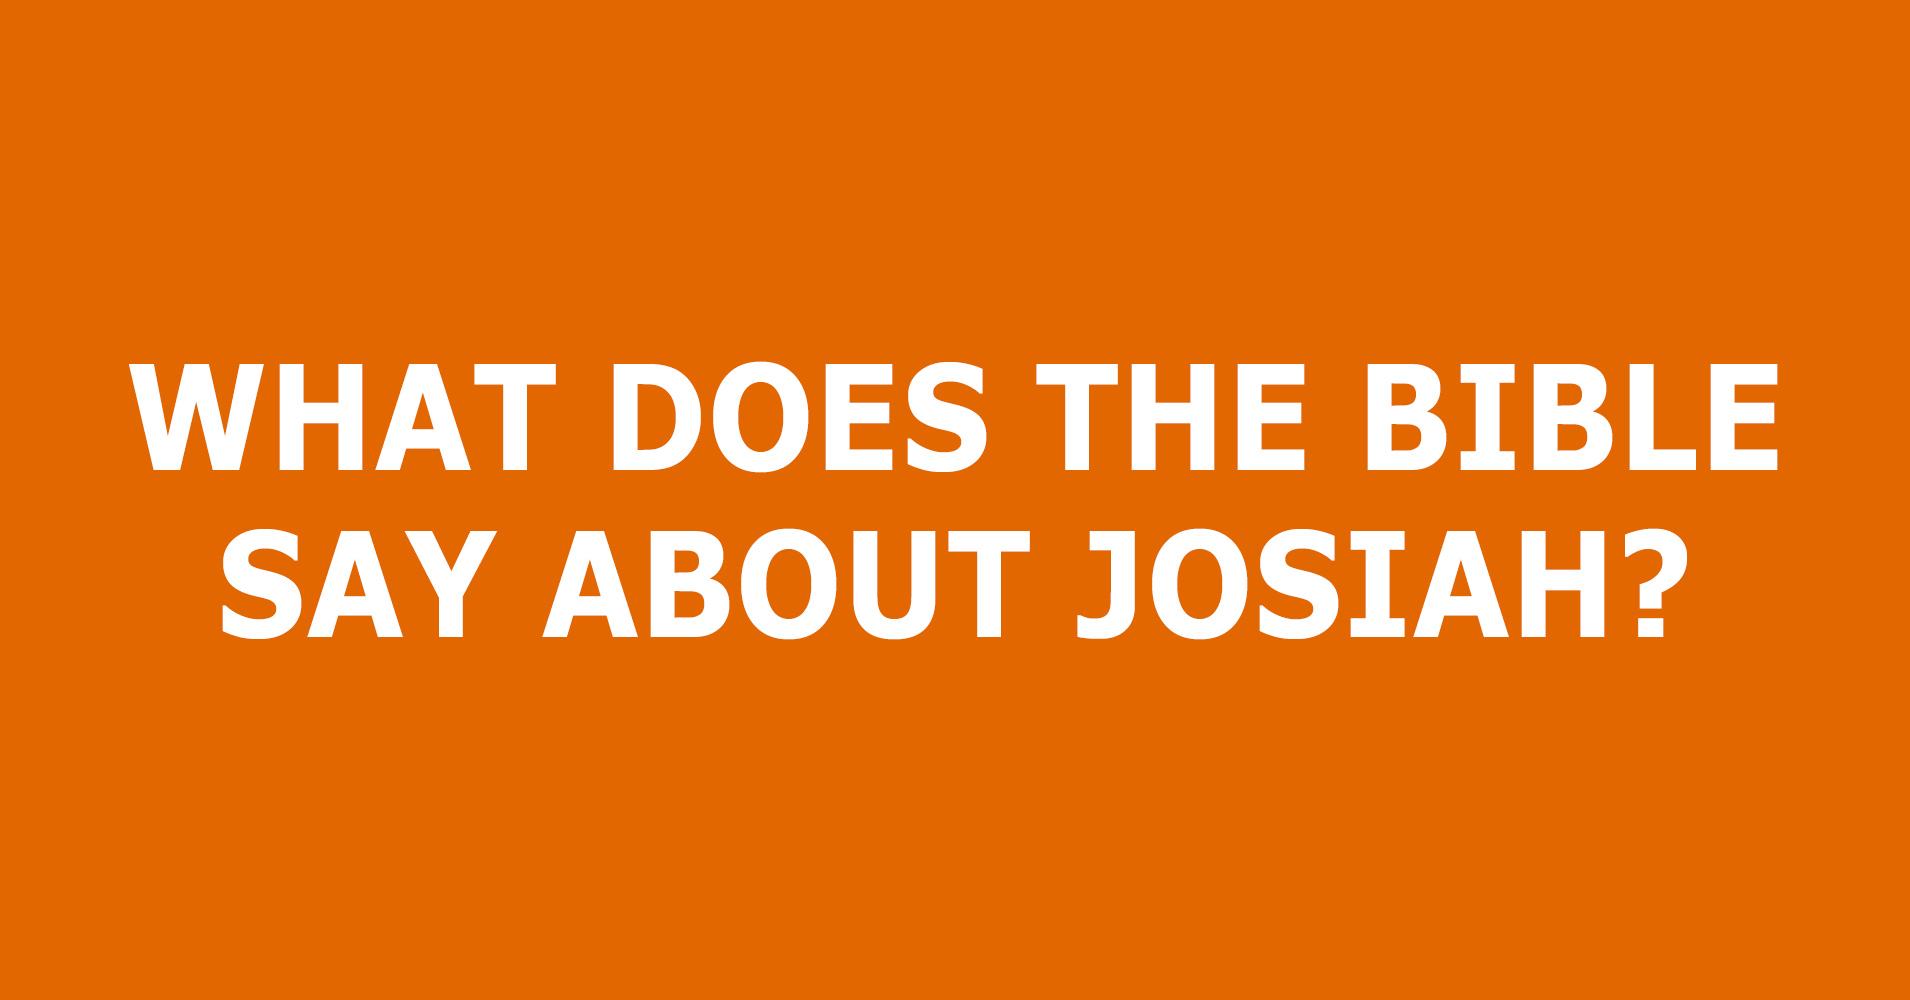 Josiah.jpg